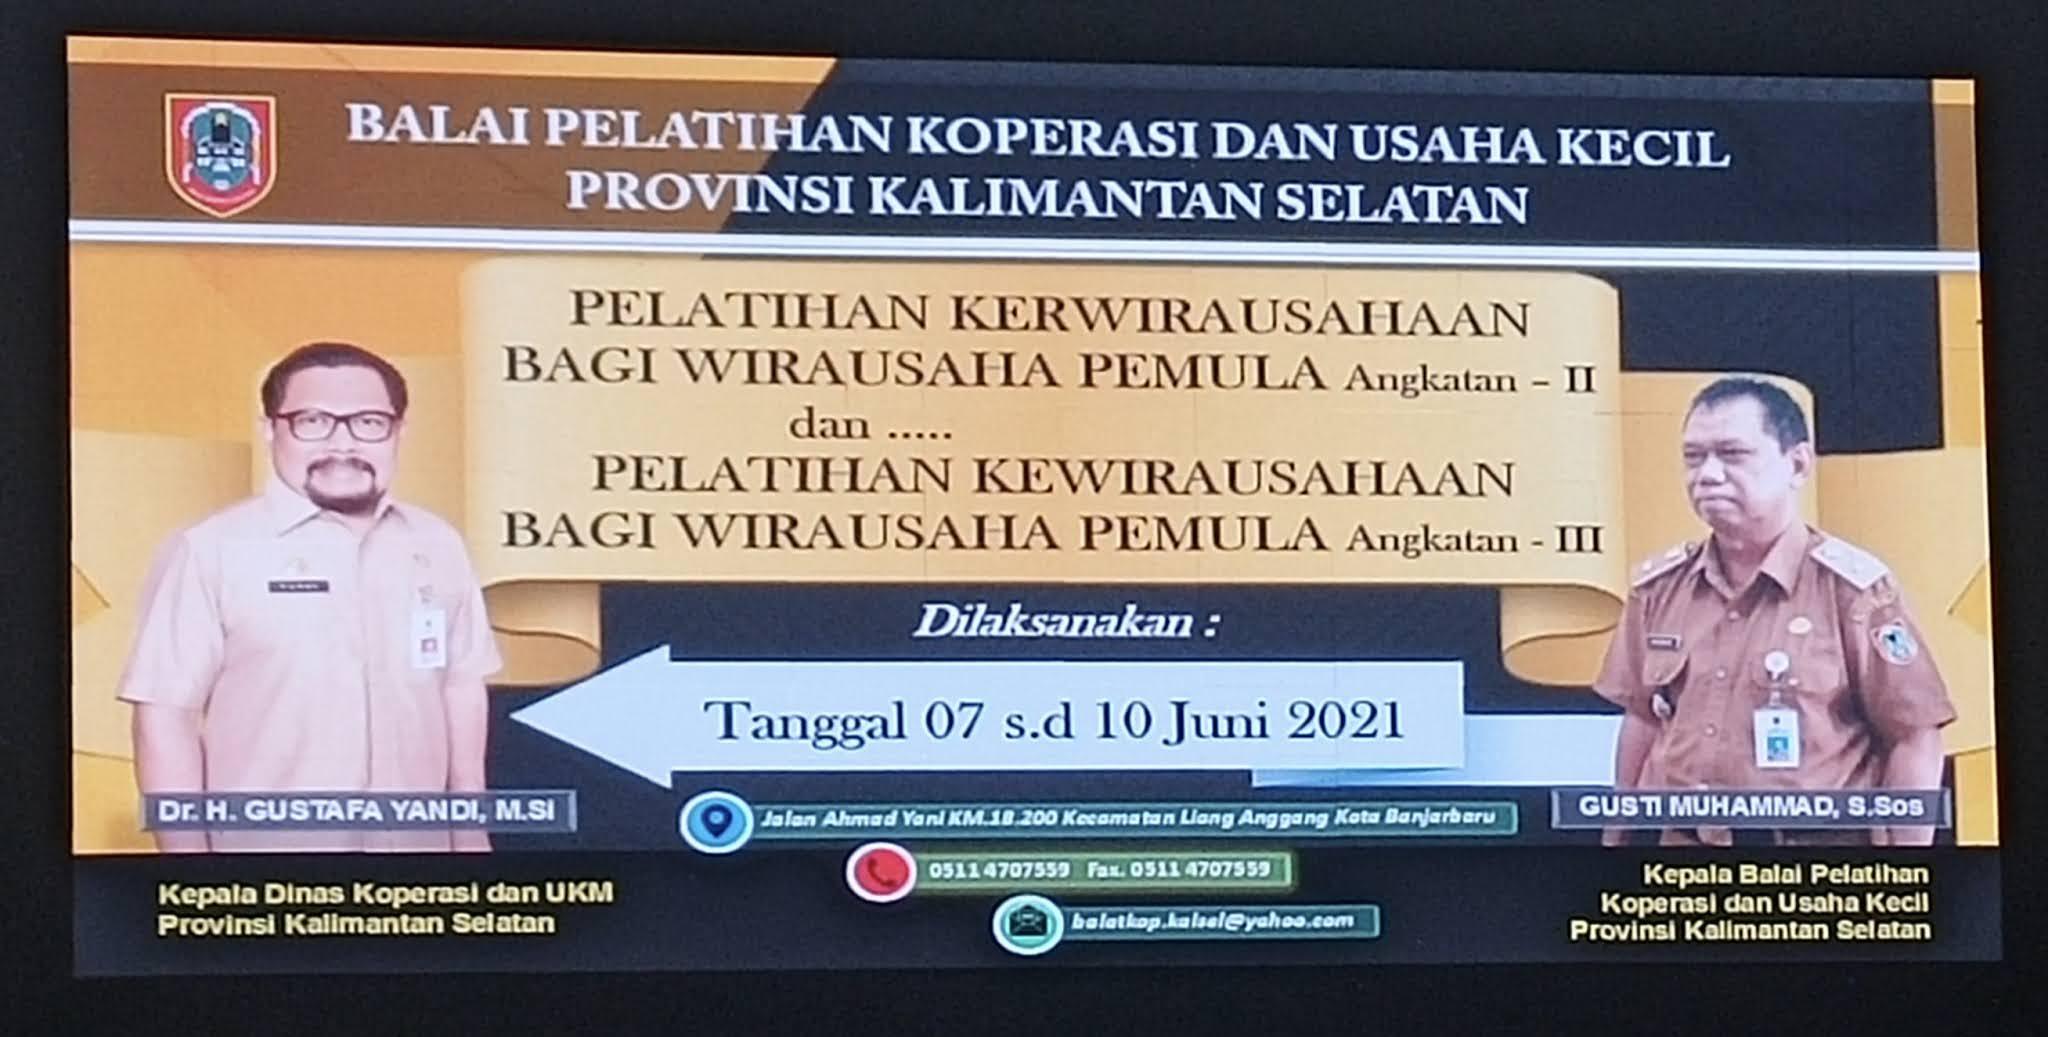 Balai Pelatihan Koperasi dan Usaha Kecil Provinsi Kalimantan Selatan